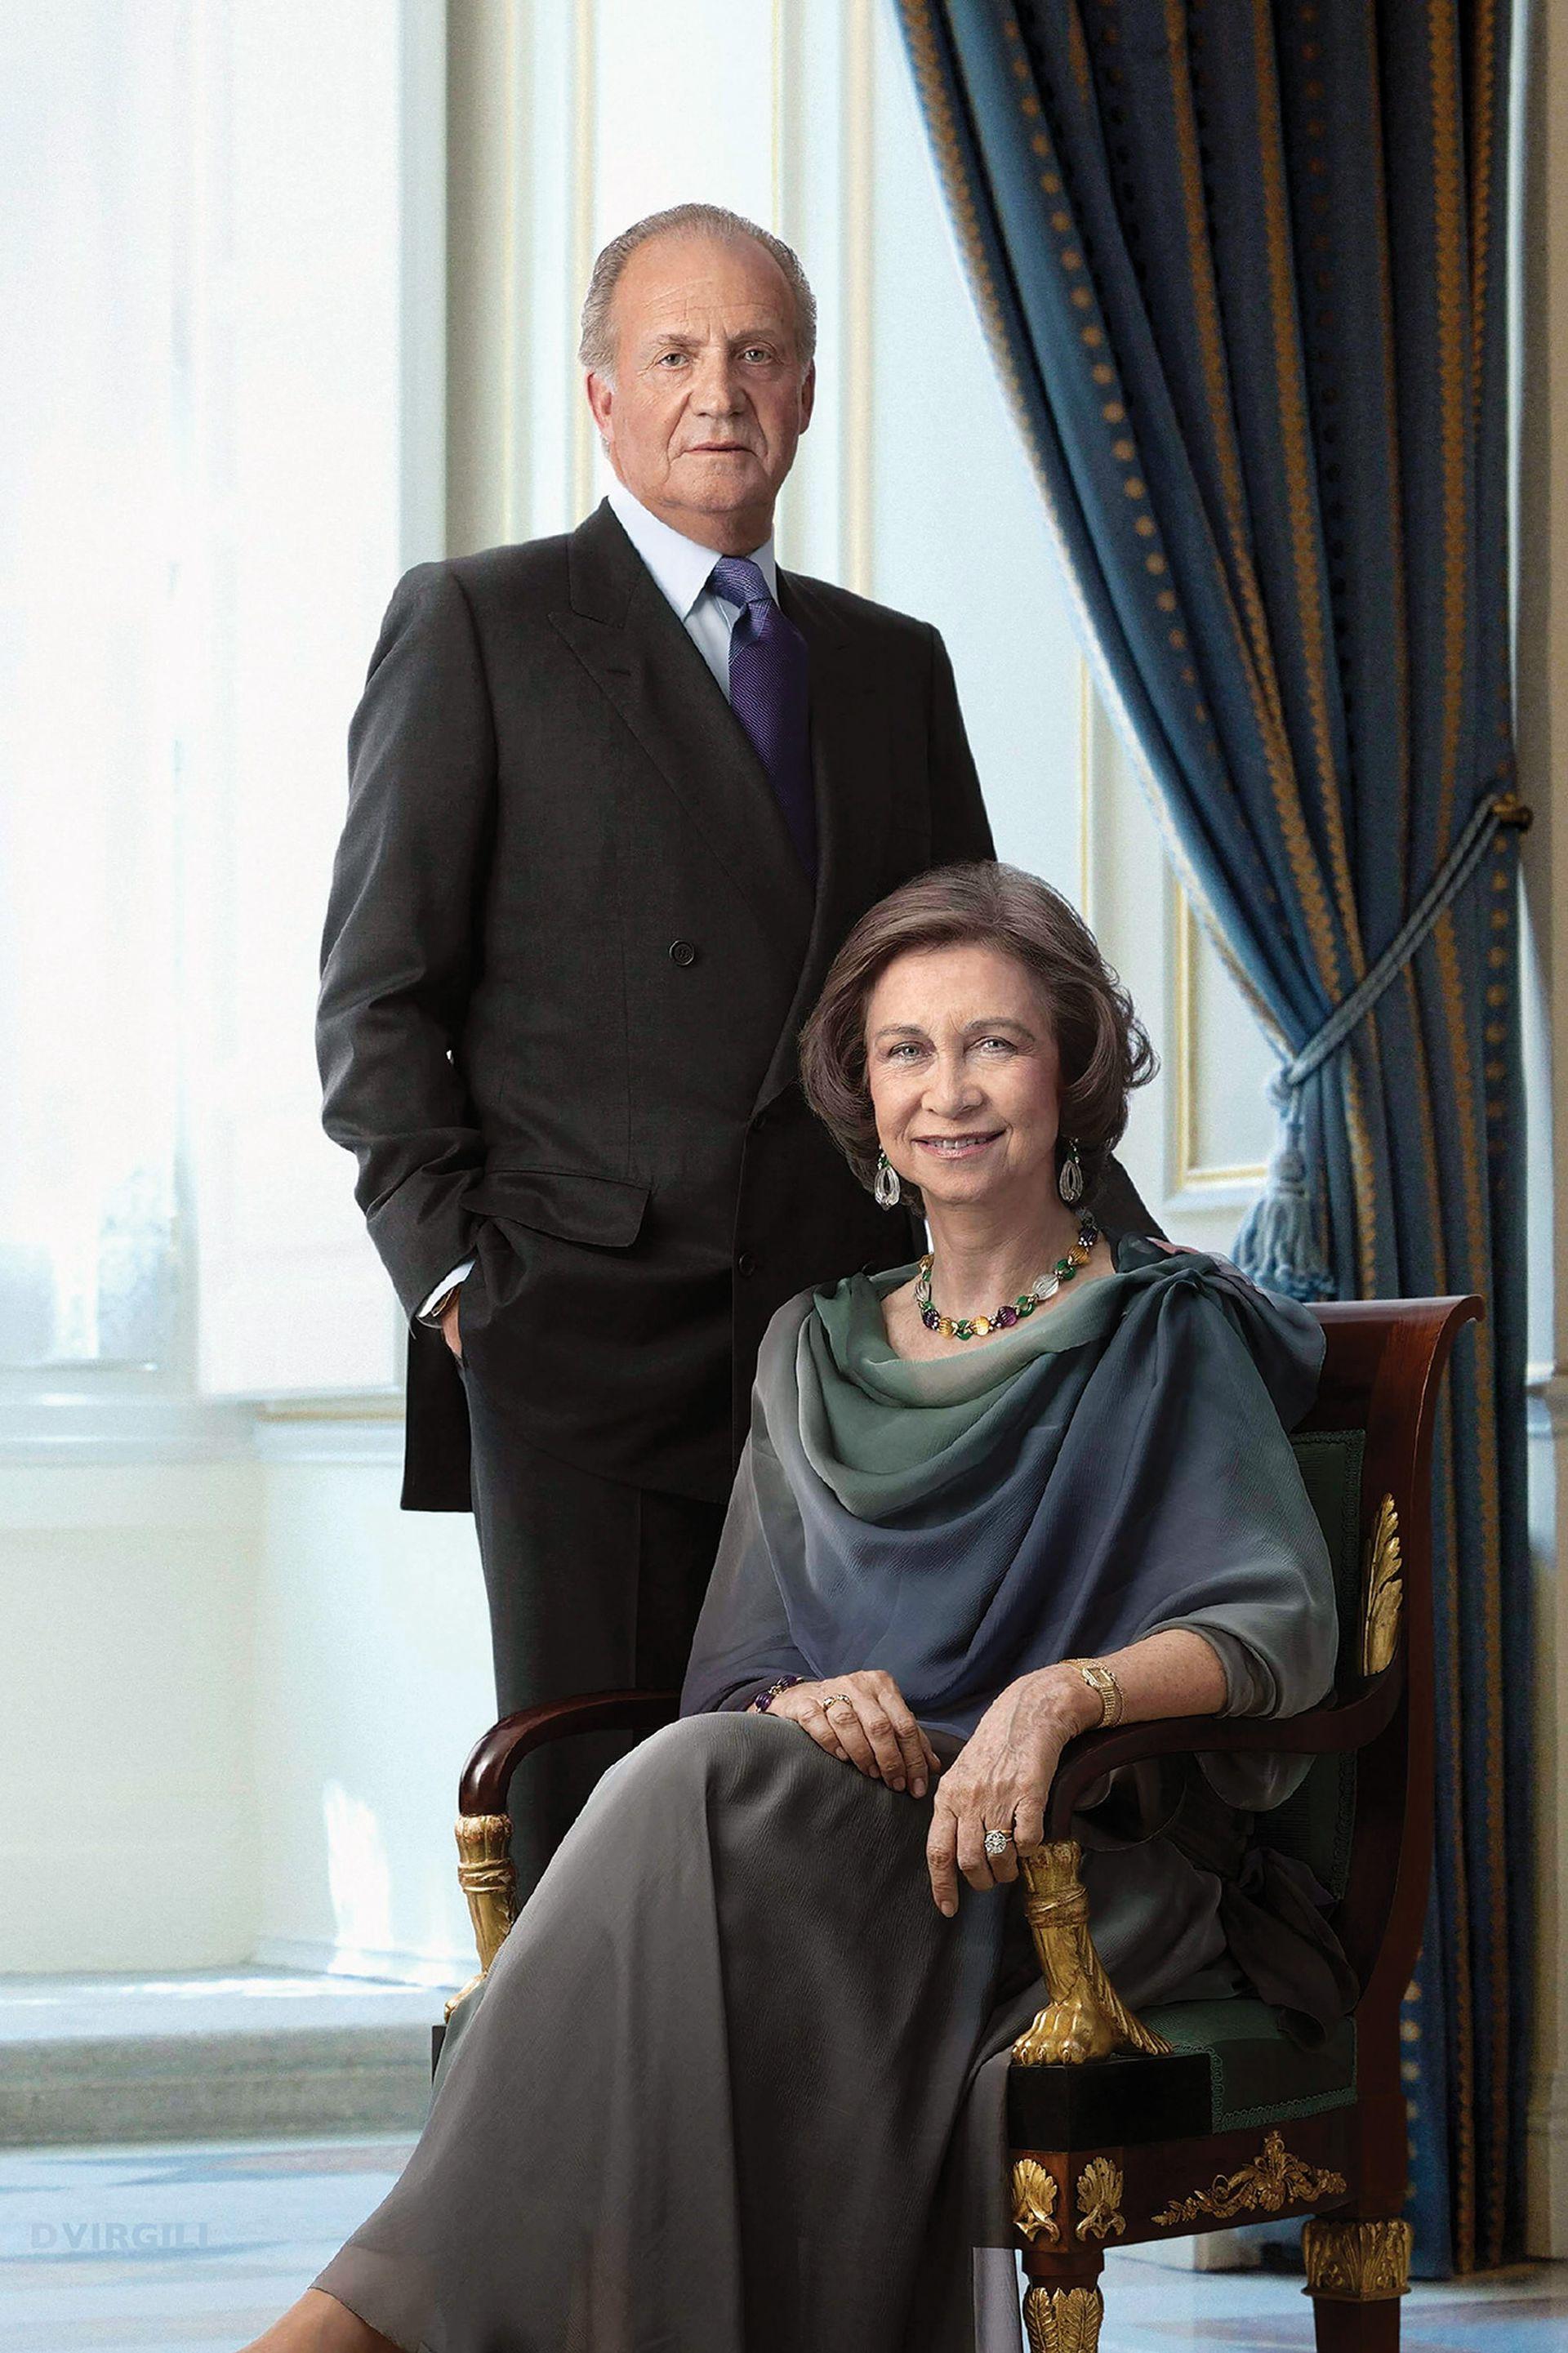 La reina Sofía, hija mayor de los reyes Pablo I y Federica de Grecia, es esposa de Juan Carlos desde 1962